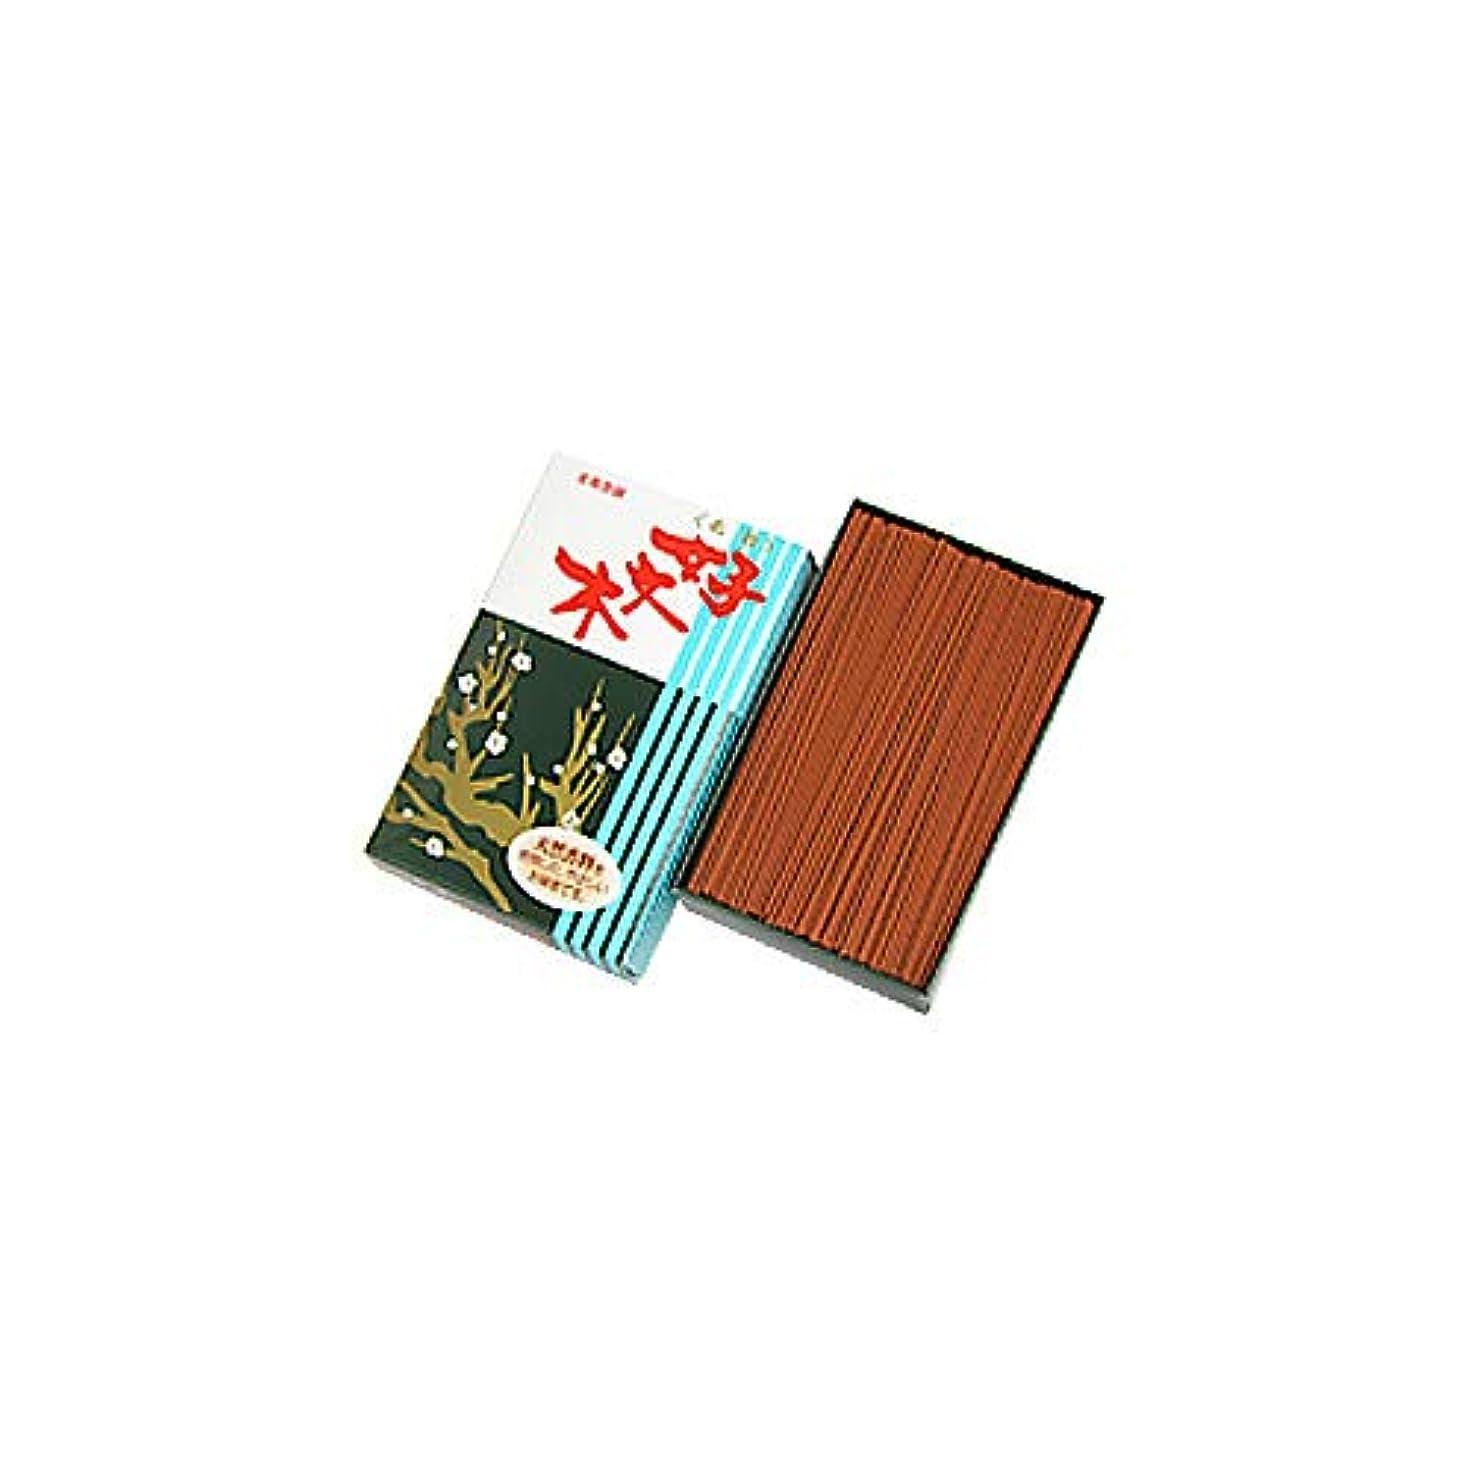 インターネット業界品家庭用線香 好文木 お徳用大型バラ詰(箱寸法15×9.5×4cm)◆さわやかな白檀の香りのお線香(梅栄堂)